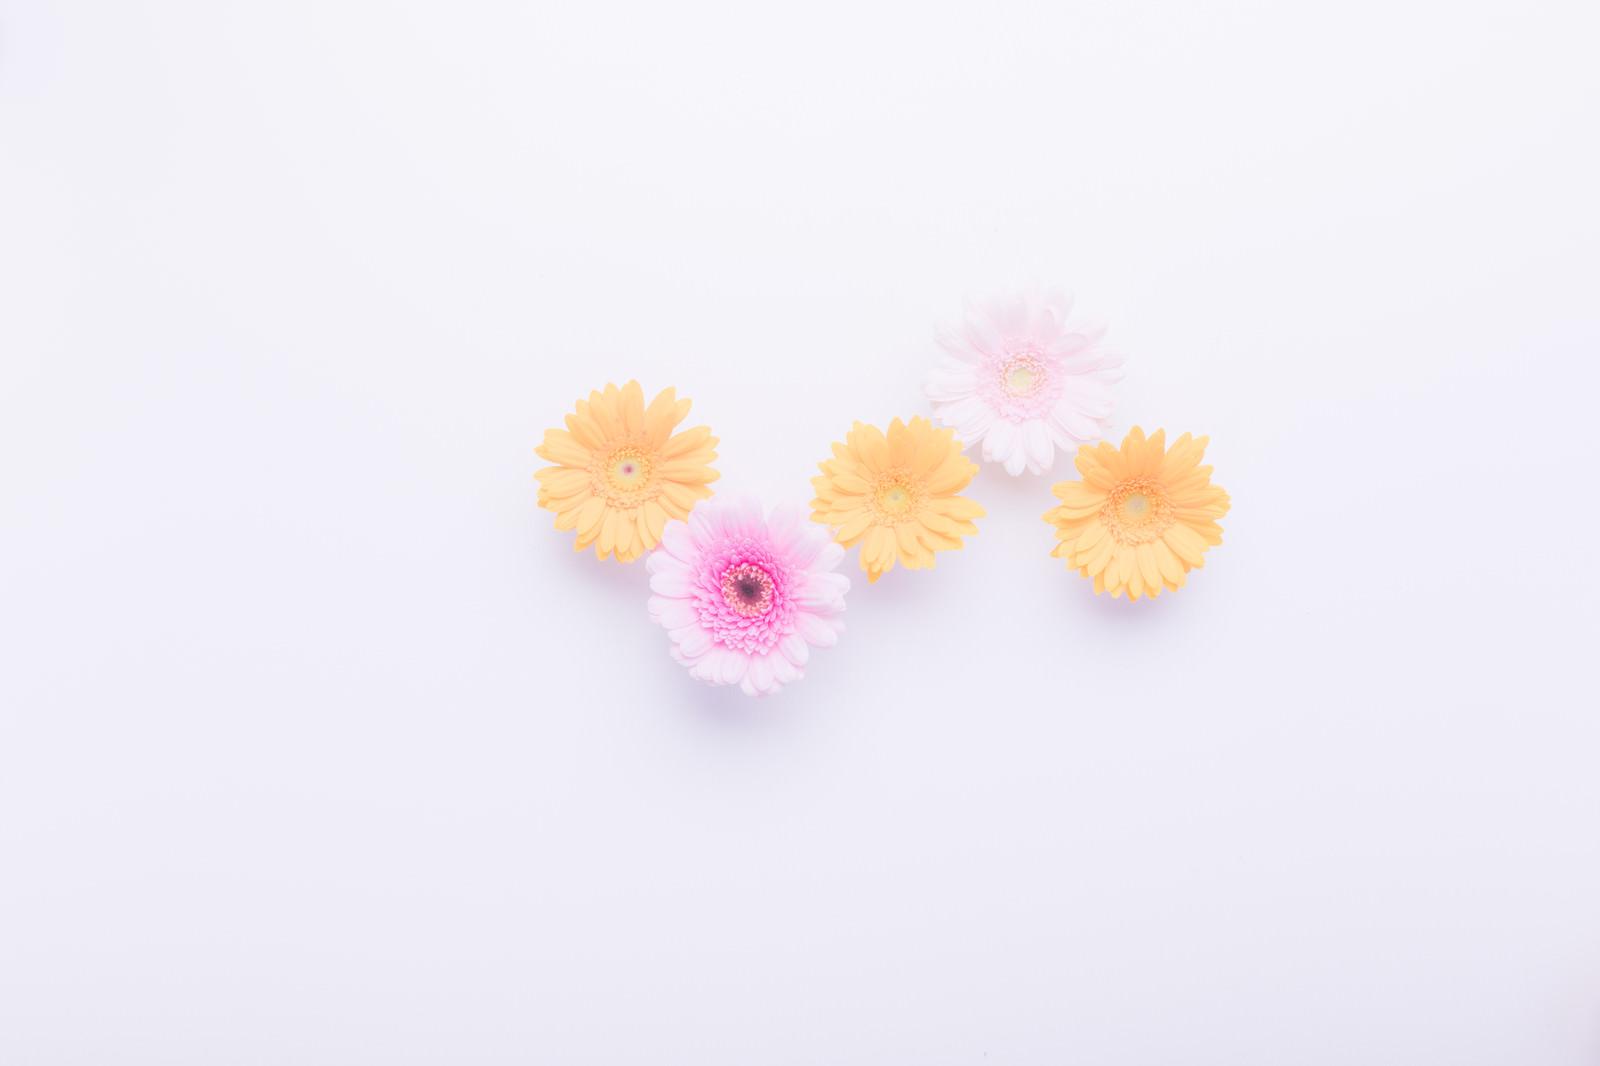 黄色のお花(3つ)|ぱくたそフ...